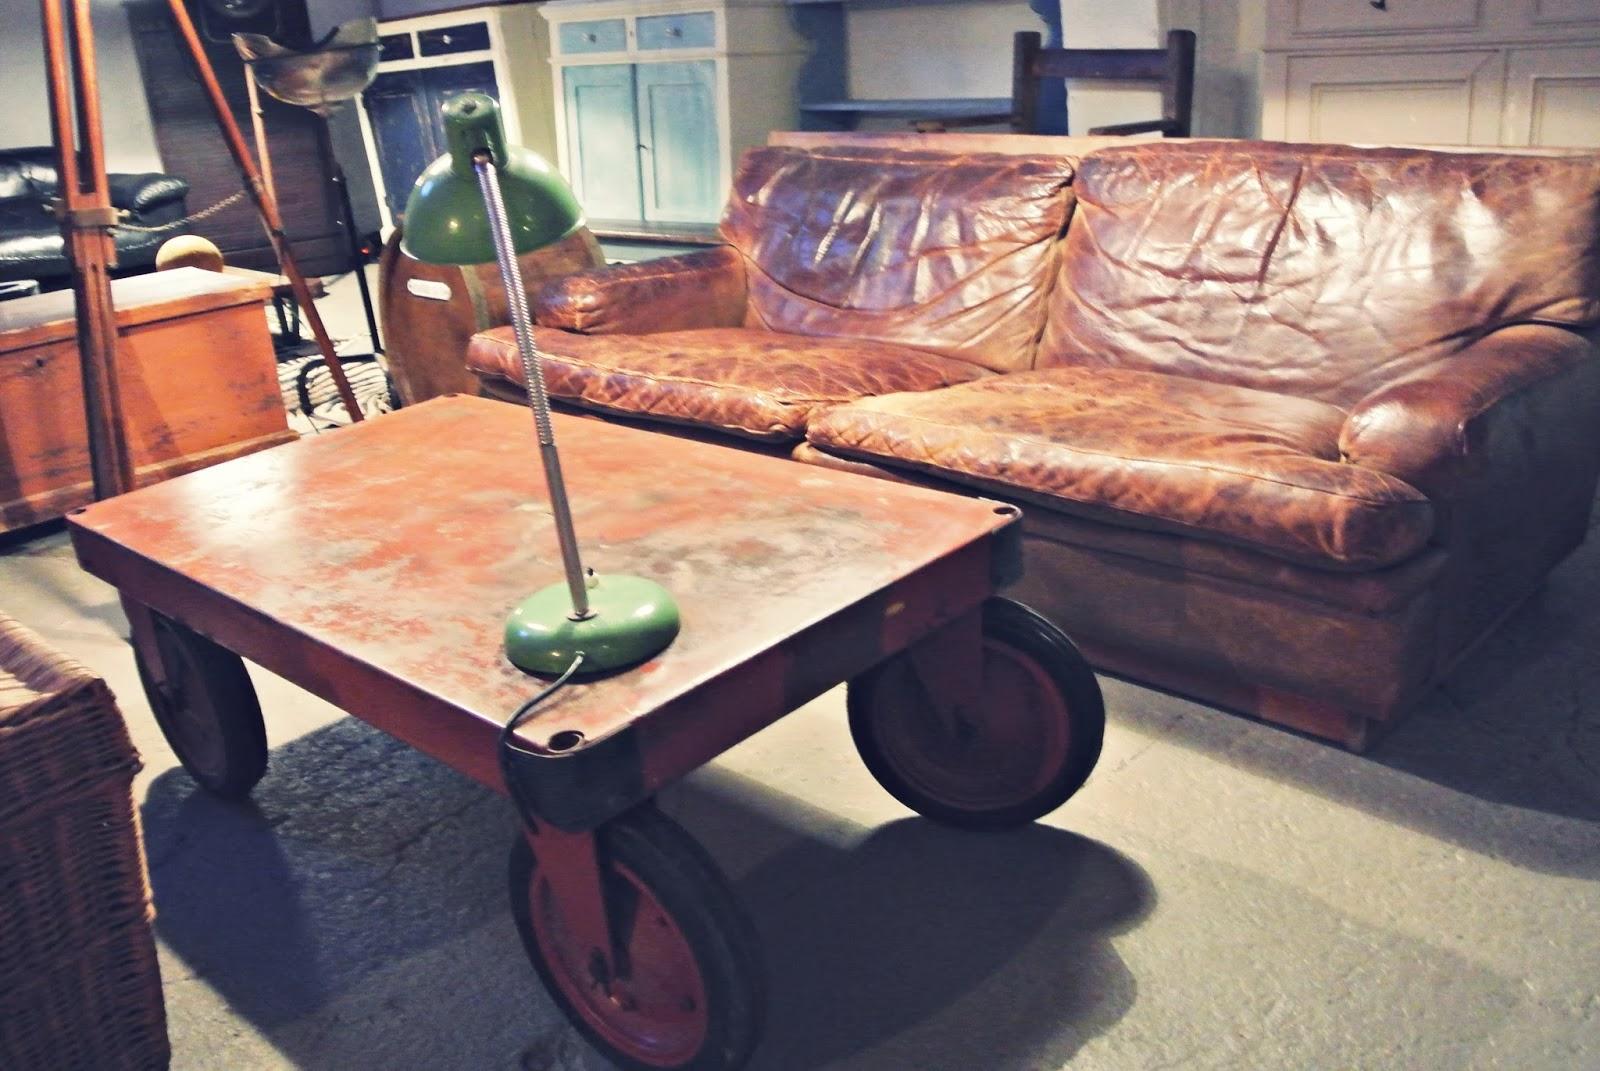 adamseva zu gast bei exquisit und 23qm stil. Black Bedroom Furniture Sets. Home Design Ideas